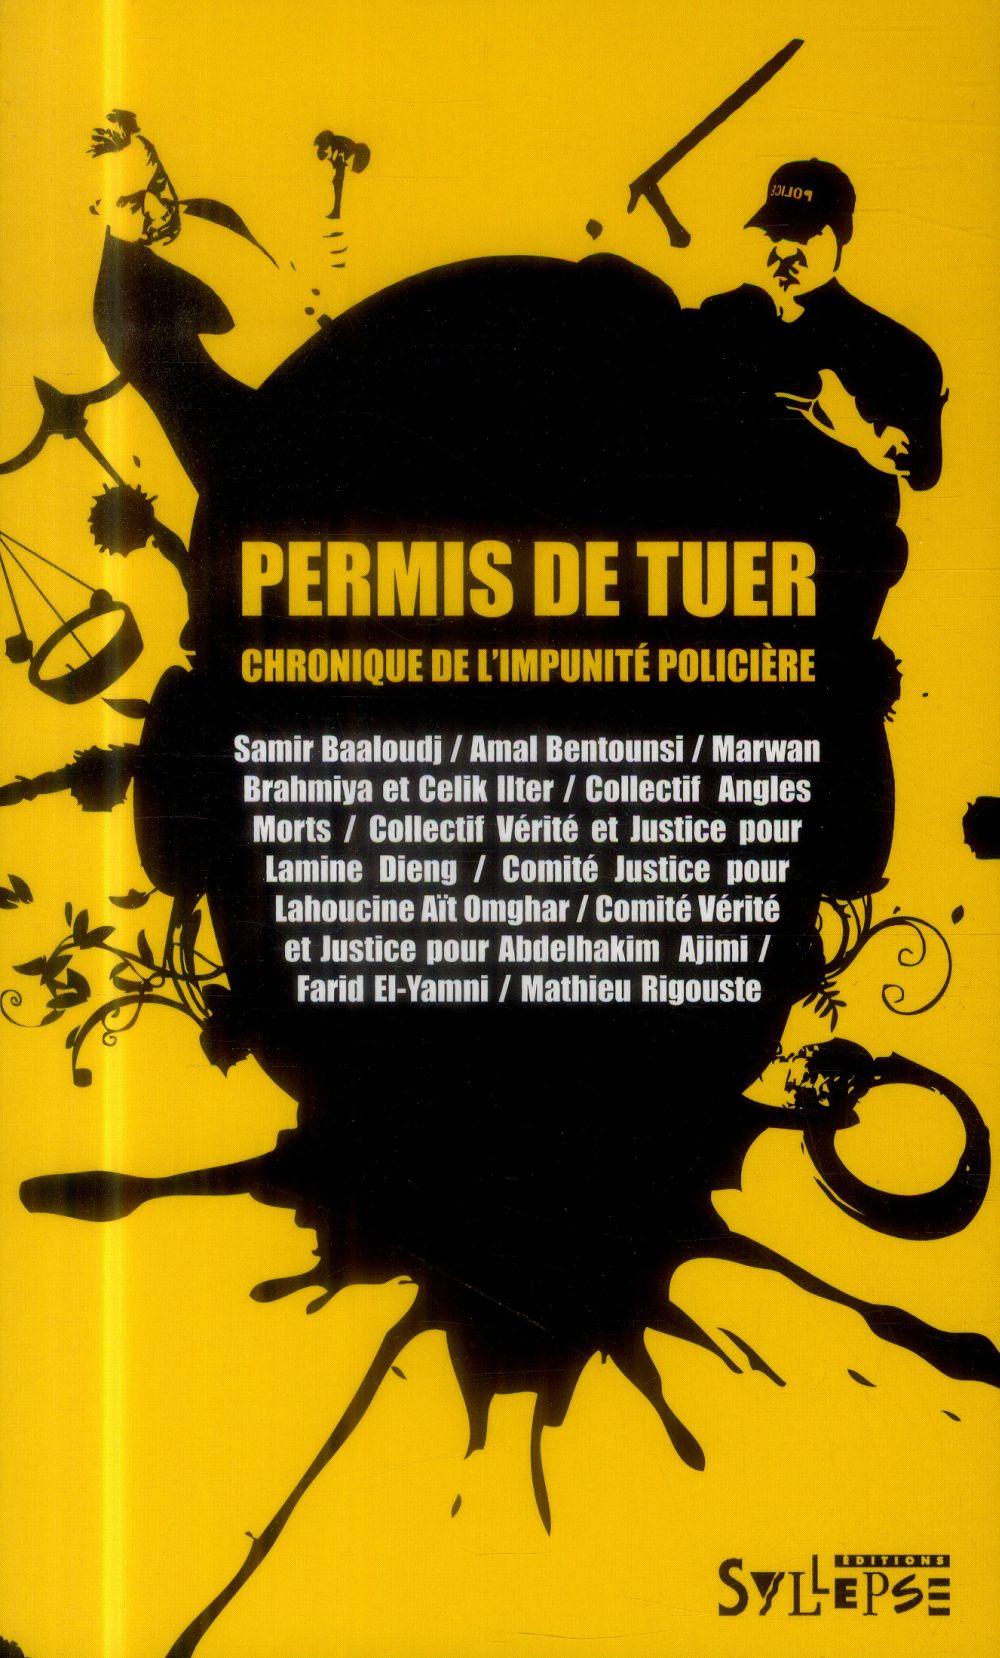 PERMIS DE TUER  -  CHRONIQUE DE L'IMPUNITE POLICIERE